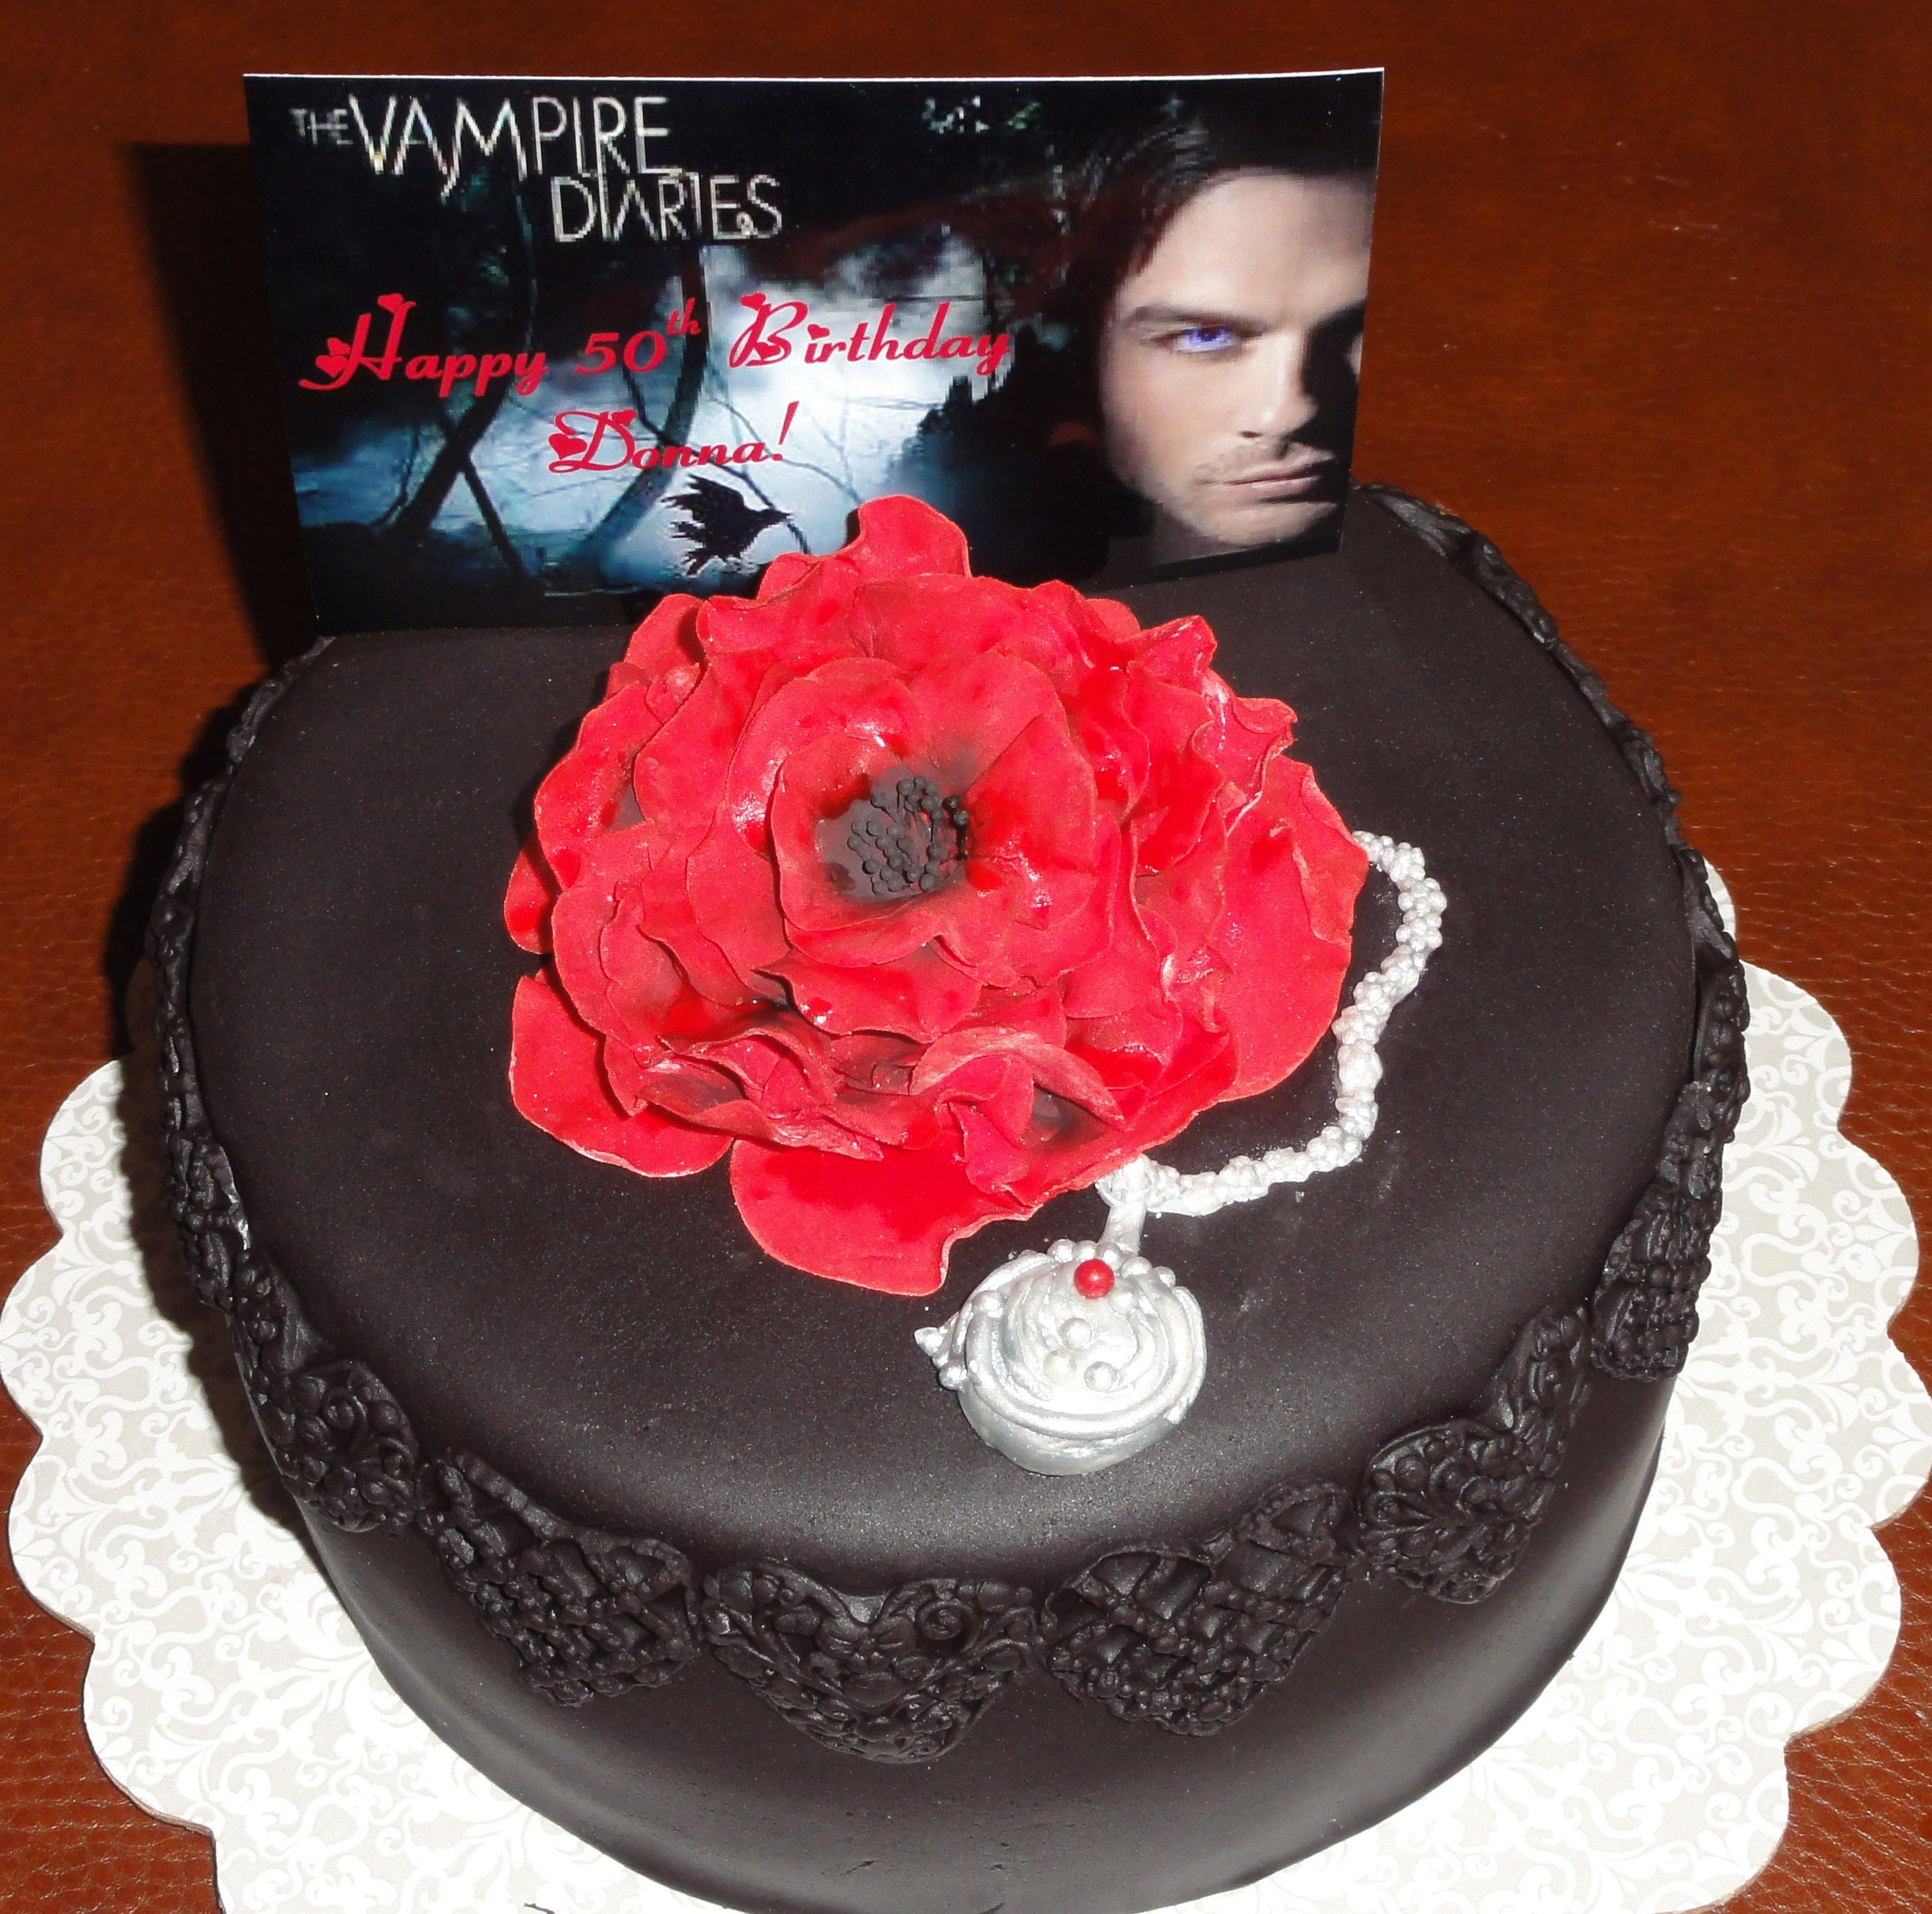 Google themes vampire diaries - Vampire Diaries Themed Birthday Cake